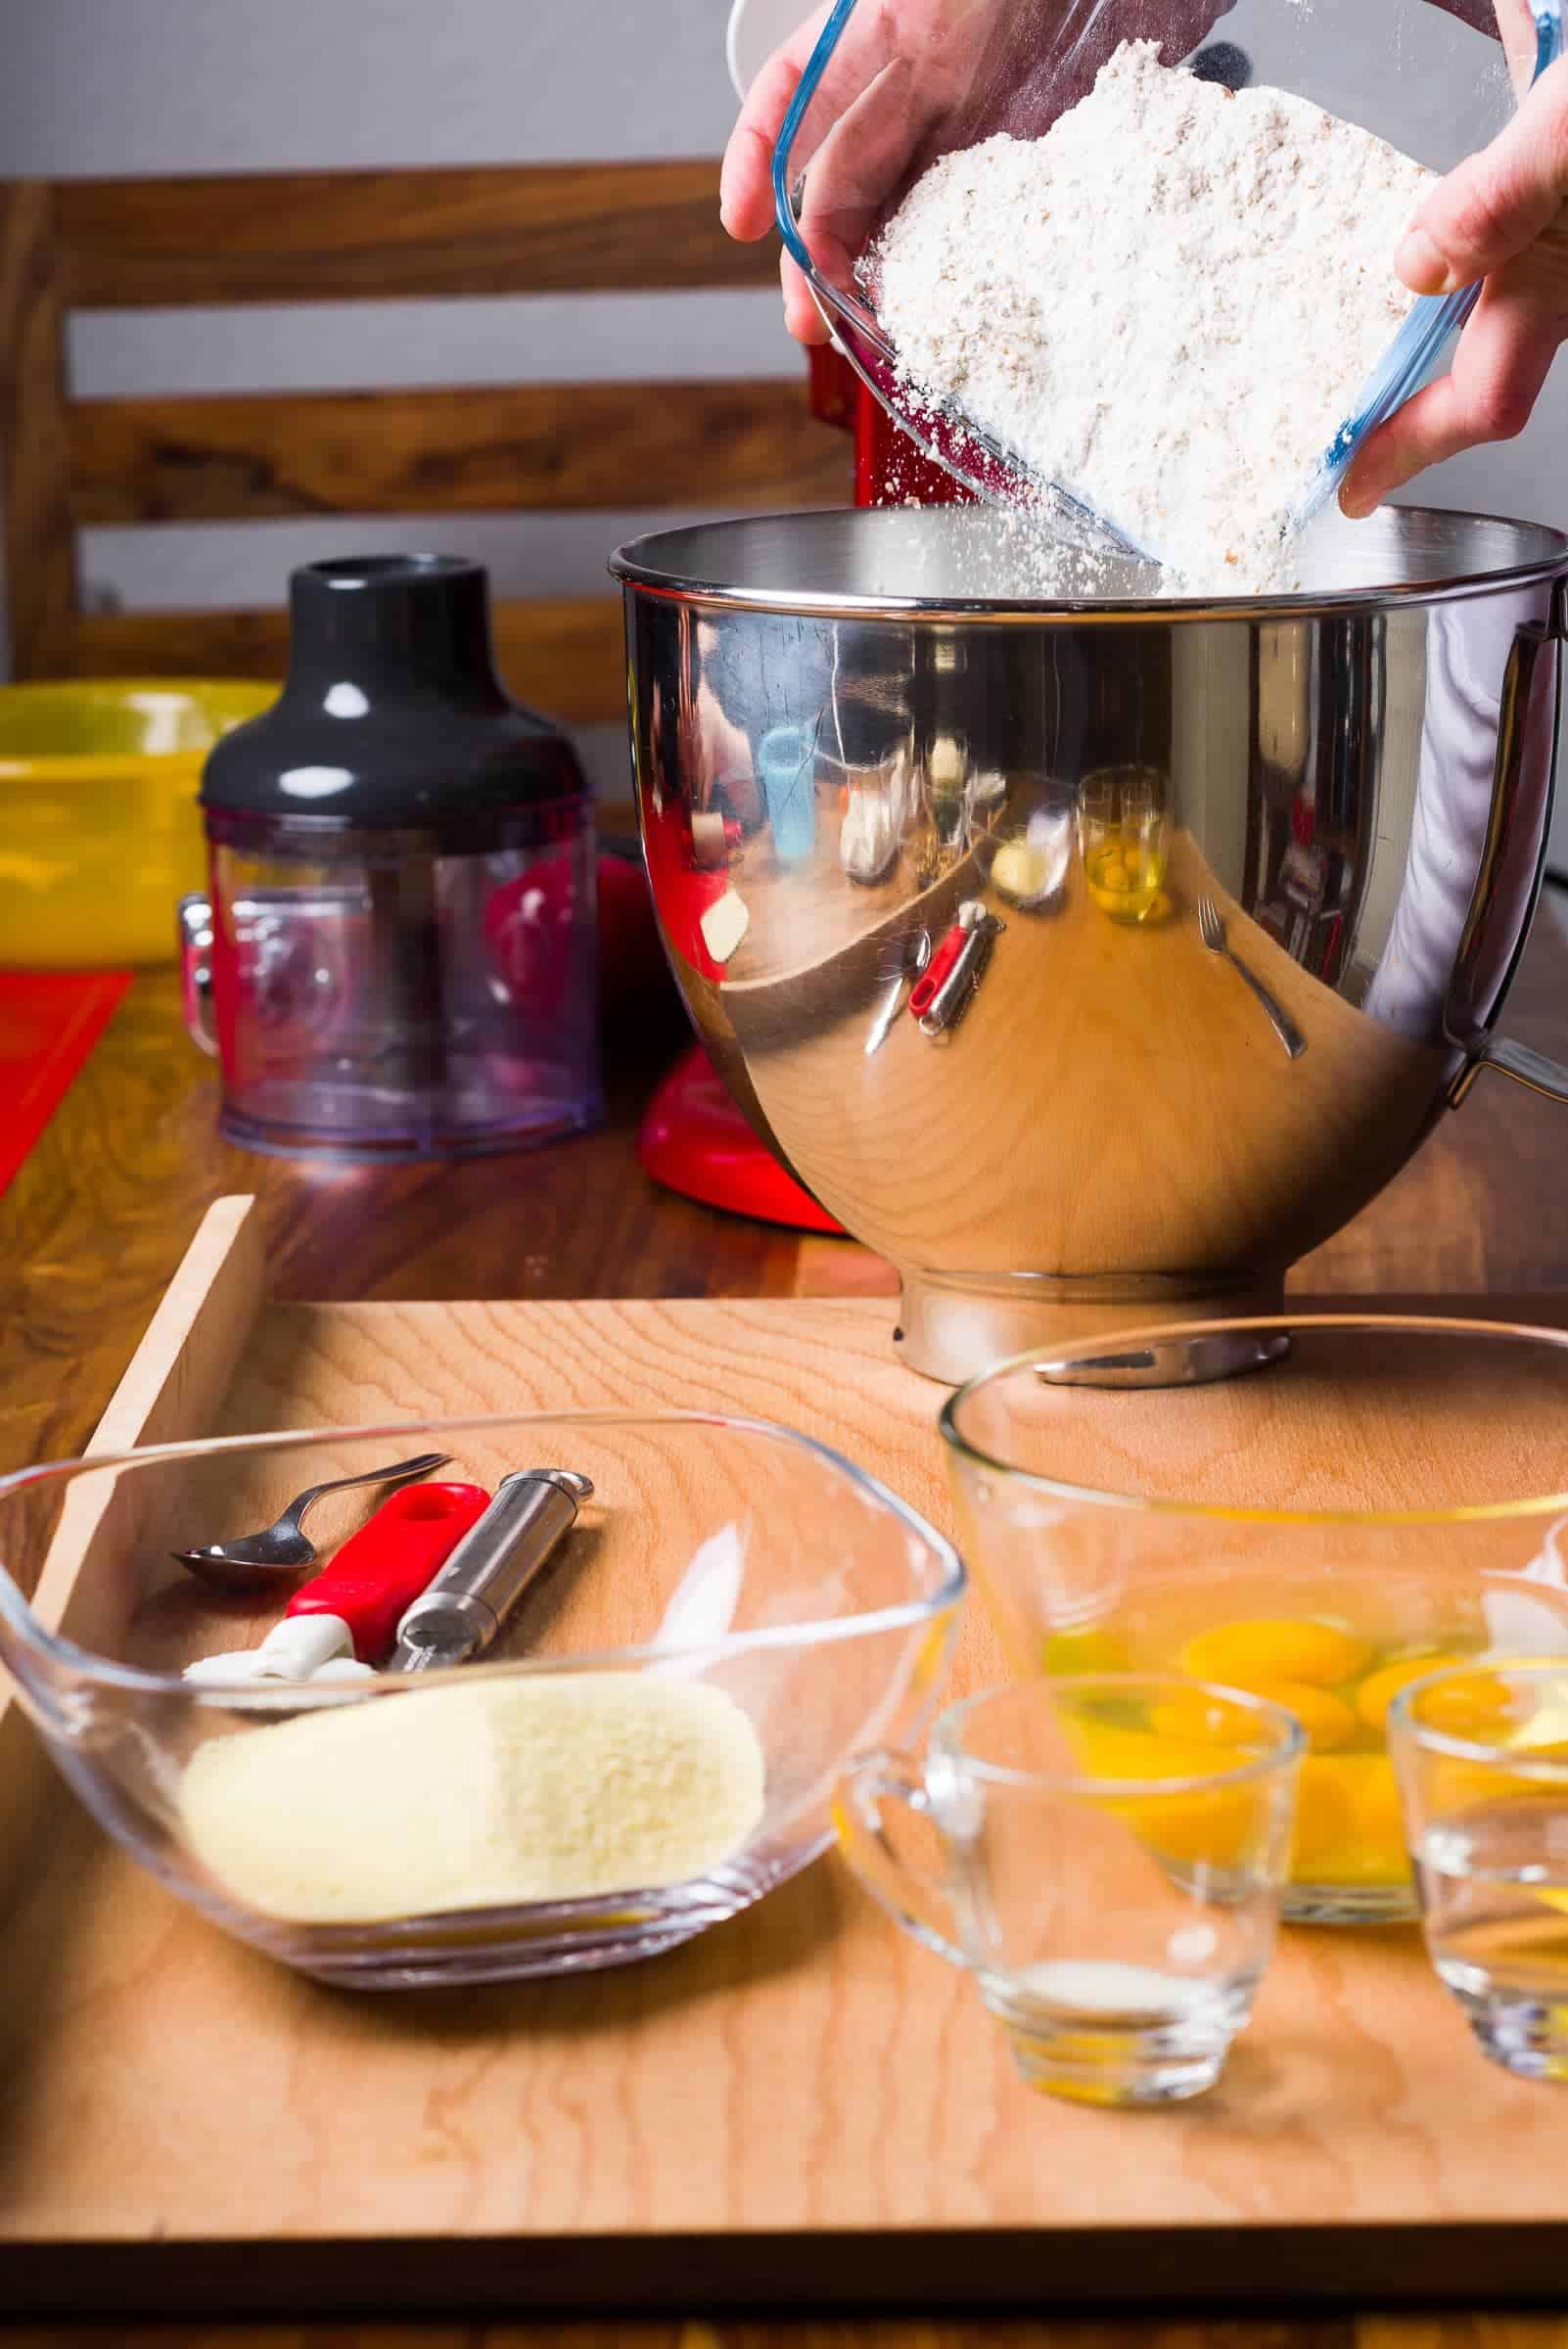 Ravioli con ricotta e spinaci ricetta GnamAm.com preparazione 1